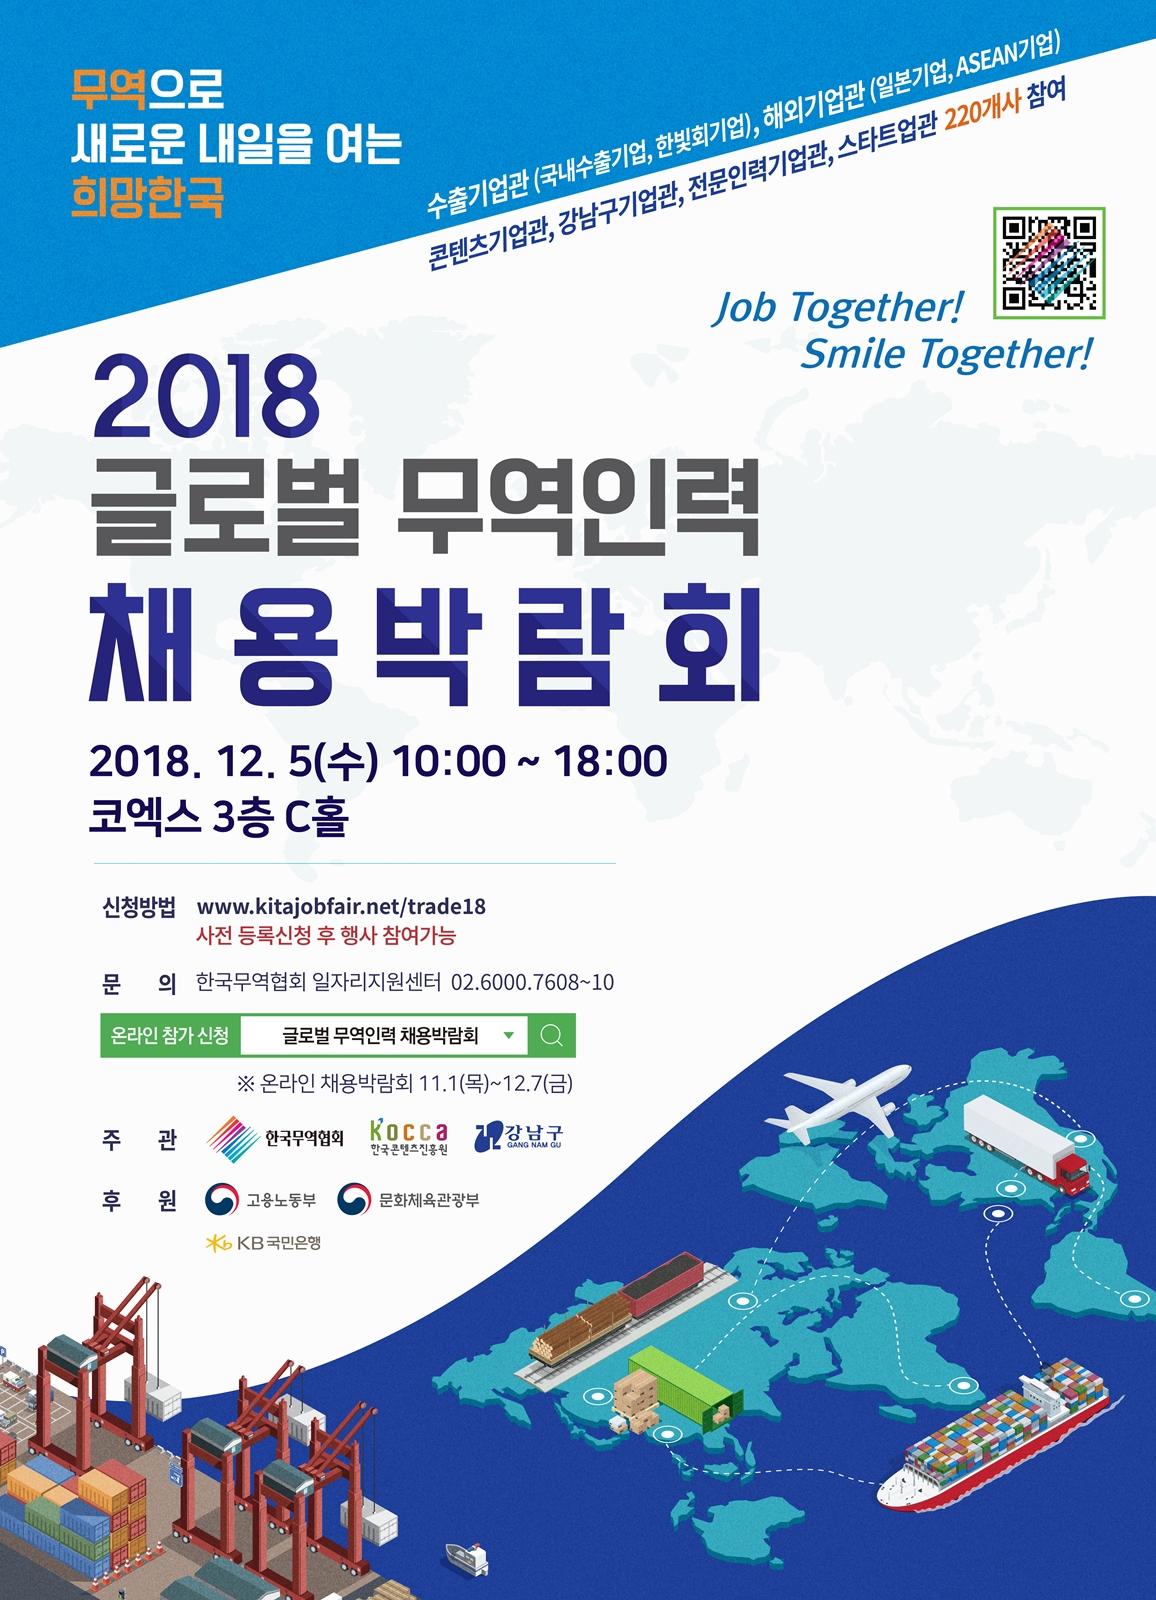 2018 글로벌 무역인력 채용박람회